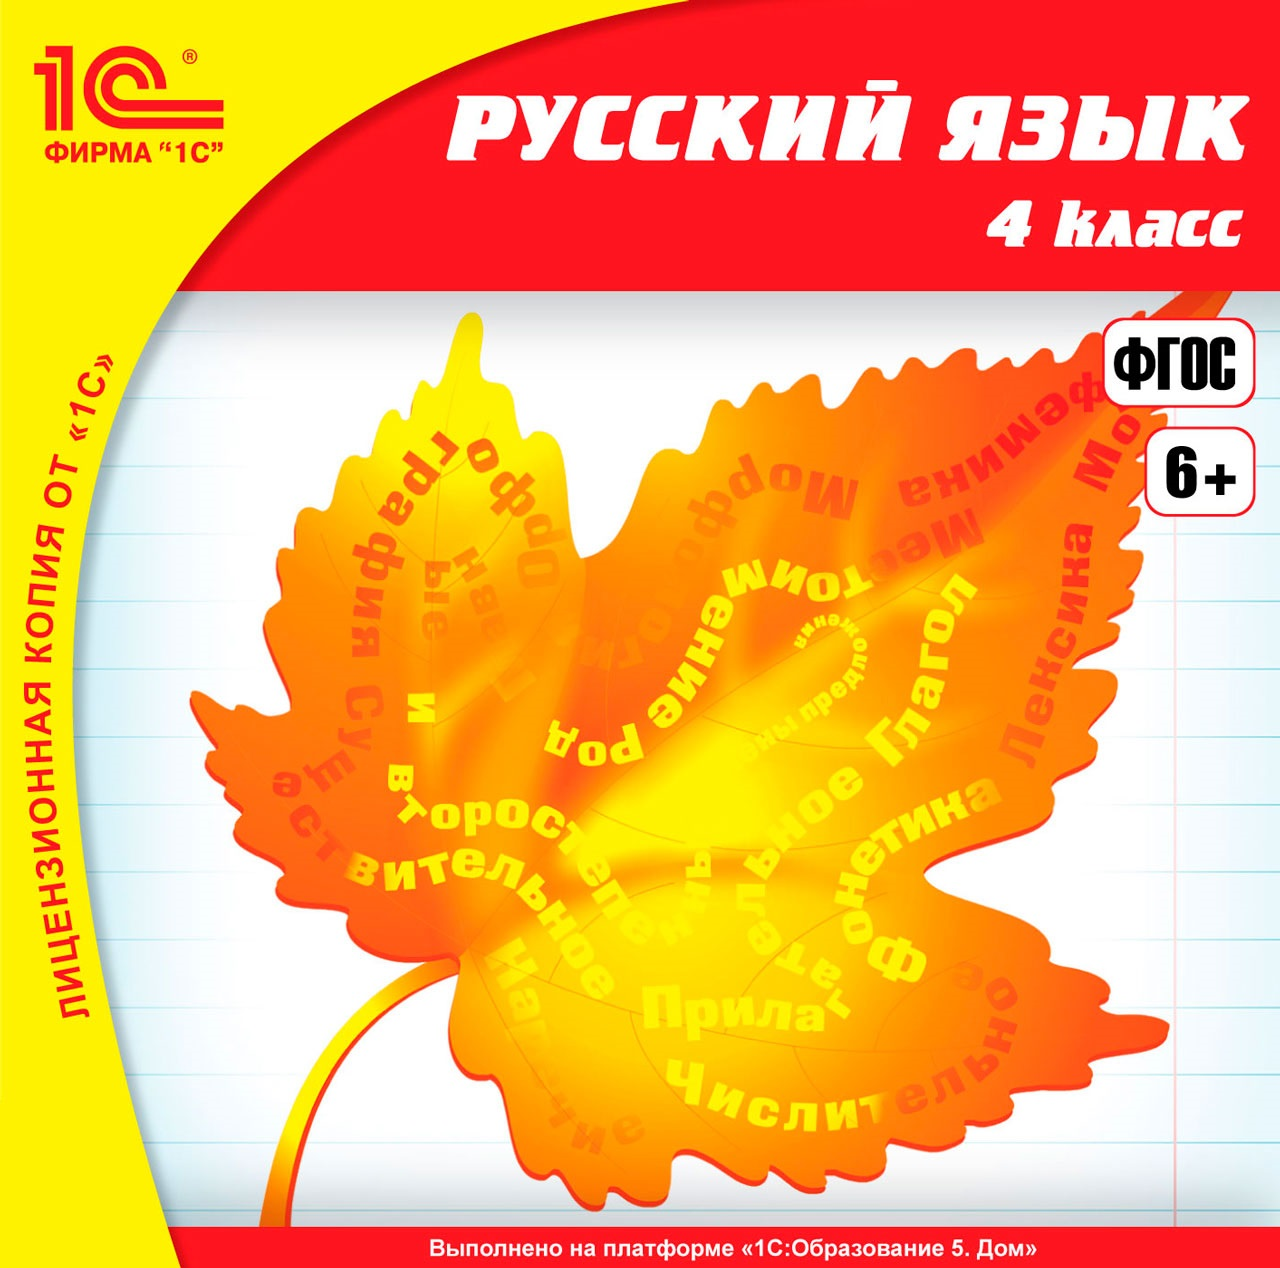 Русский язык, 4 класс с а матвеев русский язык для начальной школы